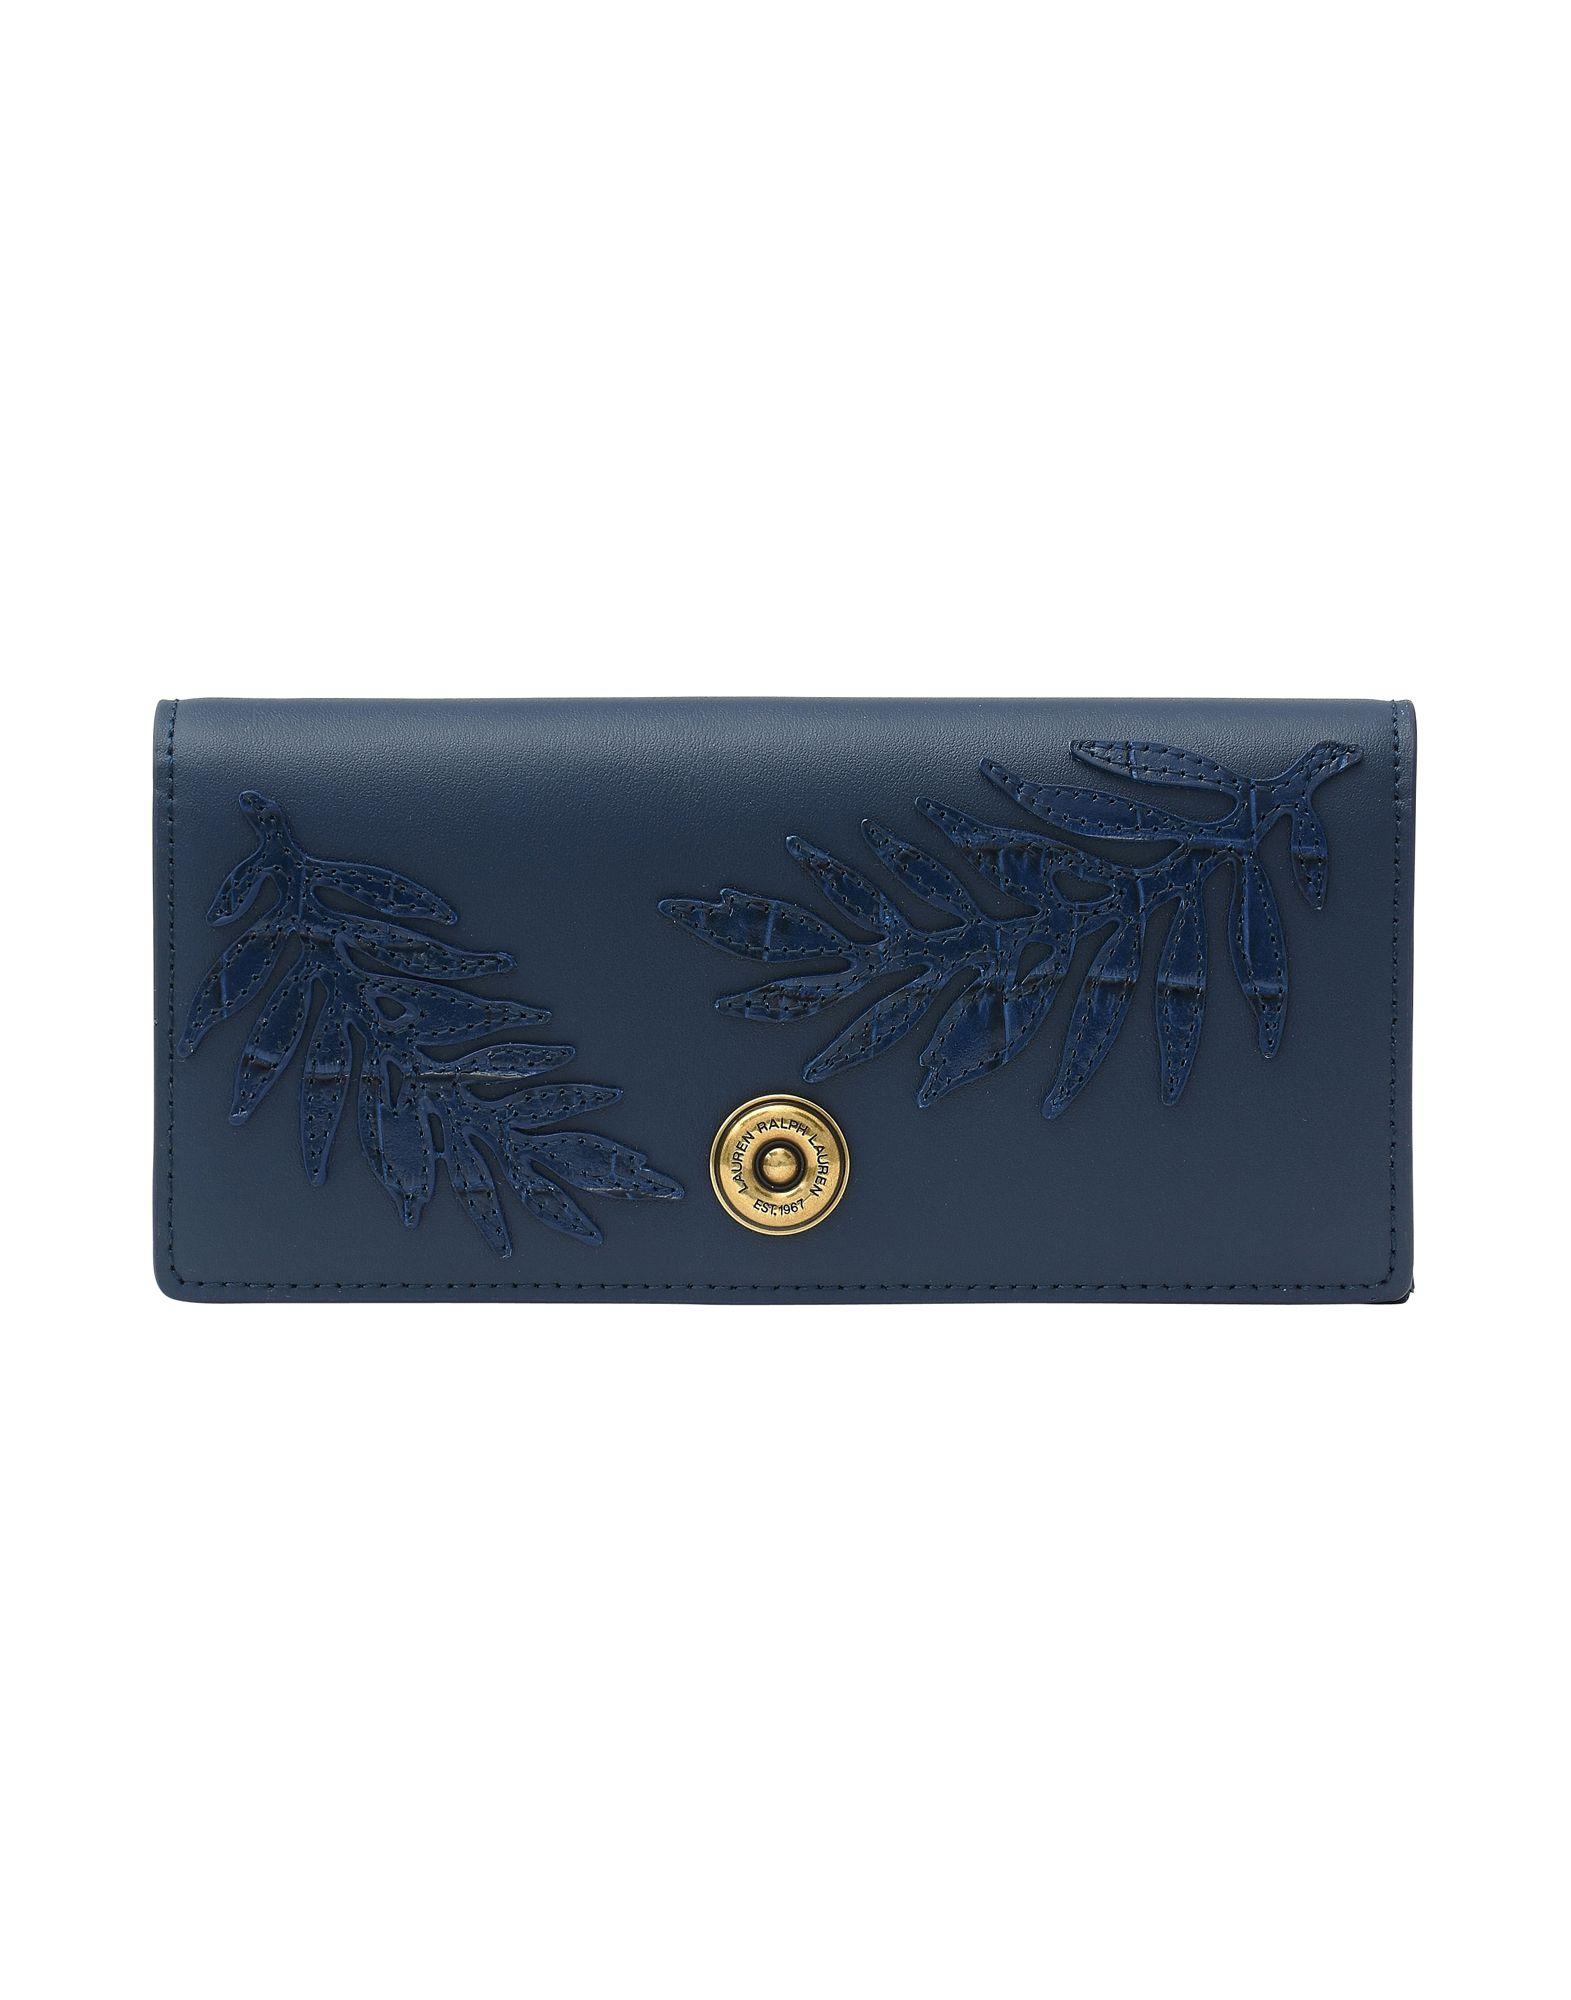 《送料無料》LAUREN RALPH LAUREN レディース 財布 ダークブルー 牛革 100% Flap Continental Wallet